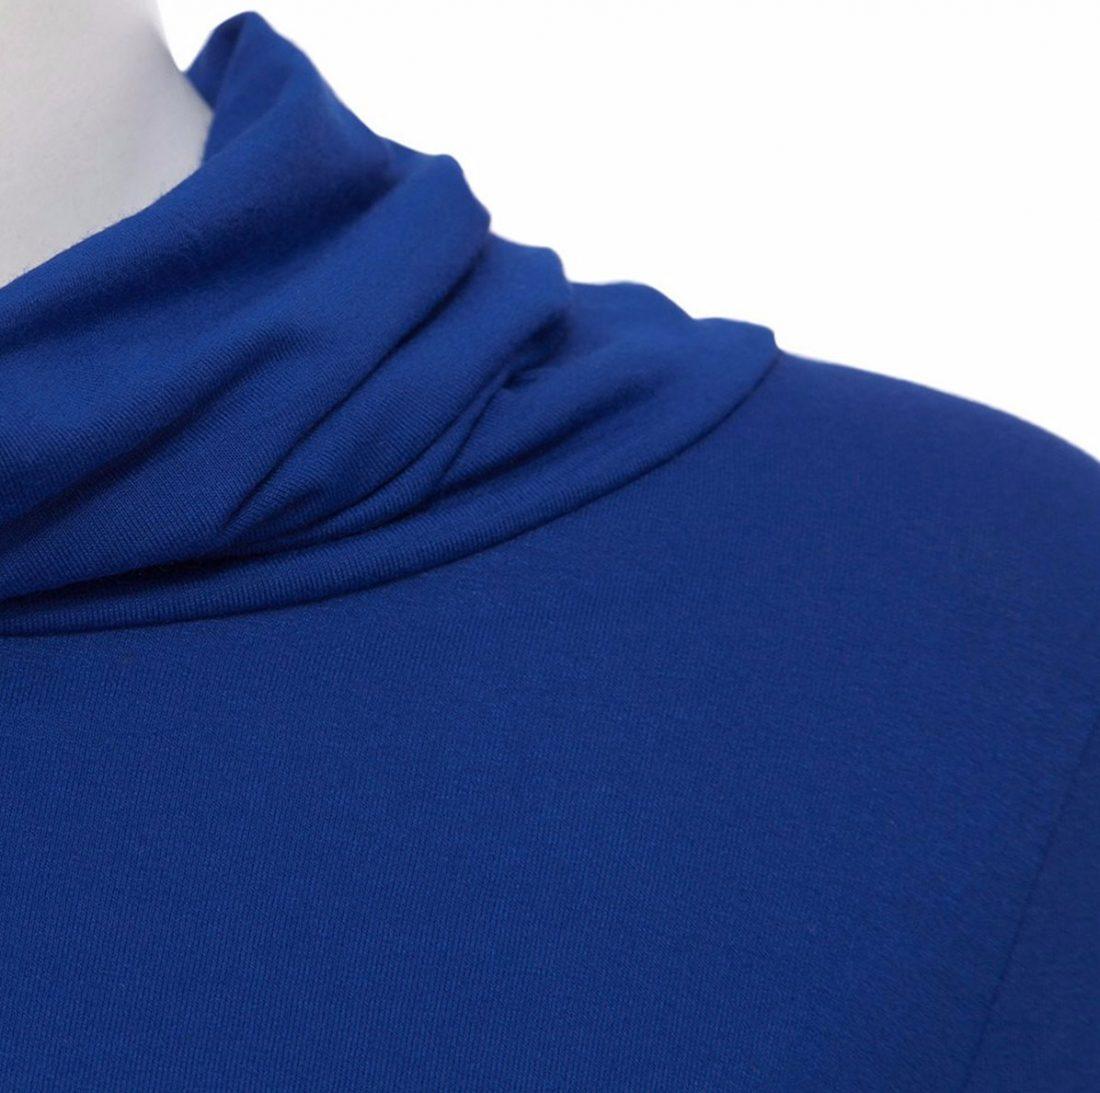 M0181 blue6 Two Piece Sets Dresses maureens.com boutique